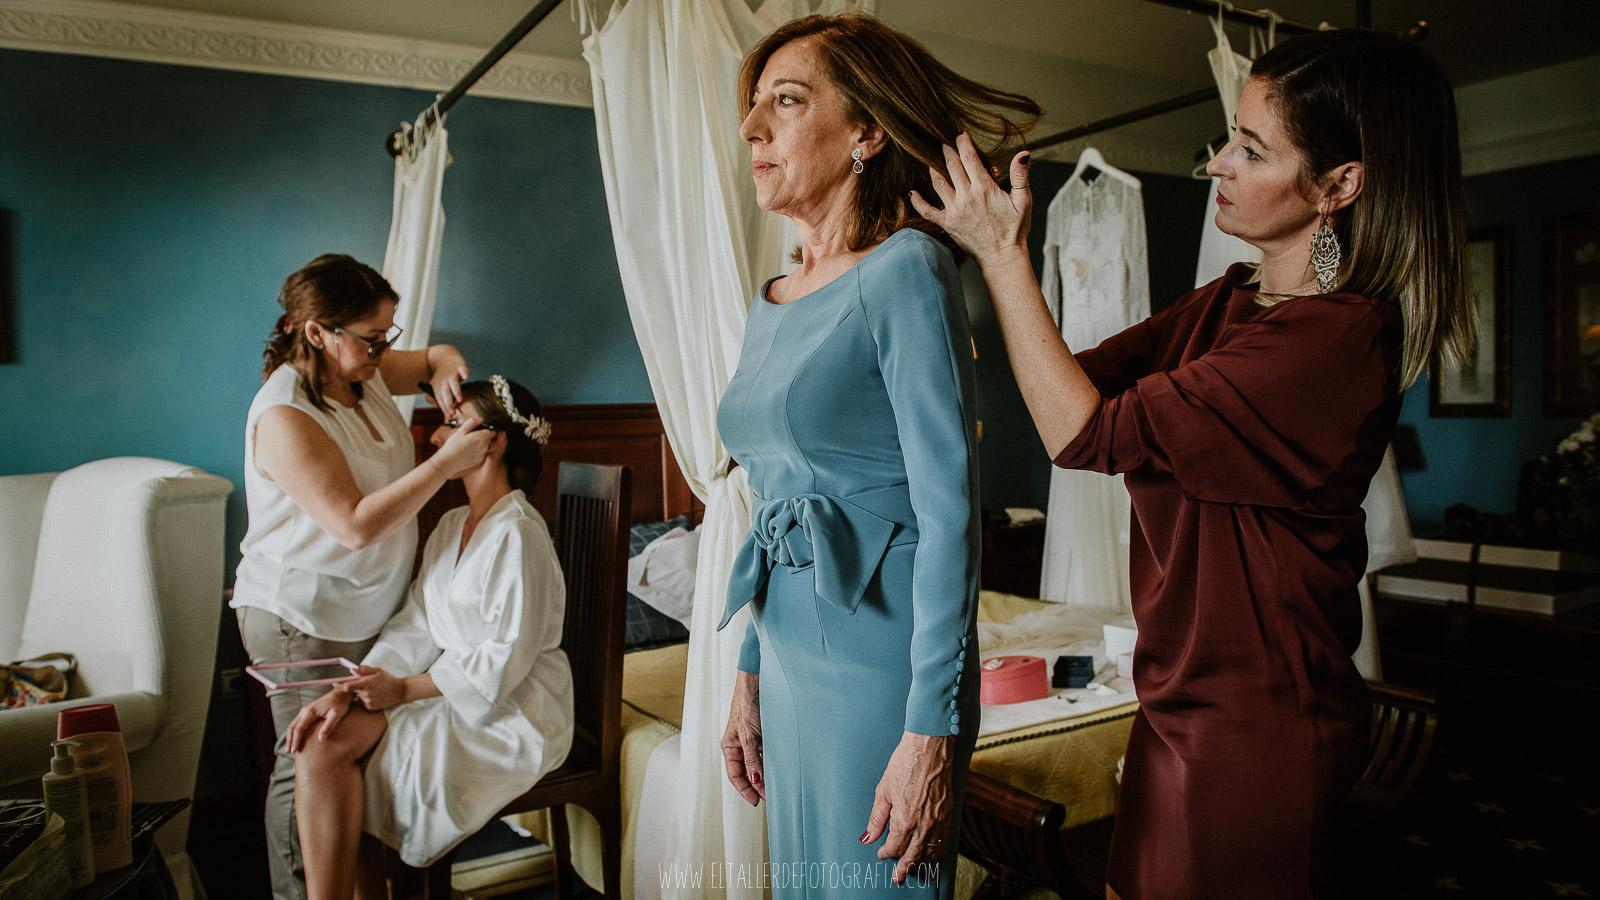 Momentos de nervios mientras se prepara la novia y la mama de la novia